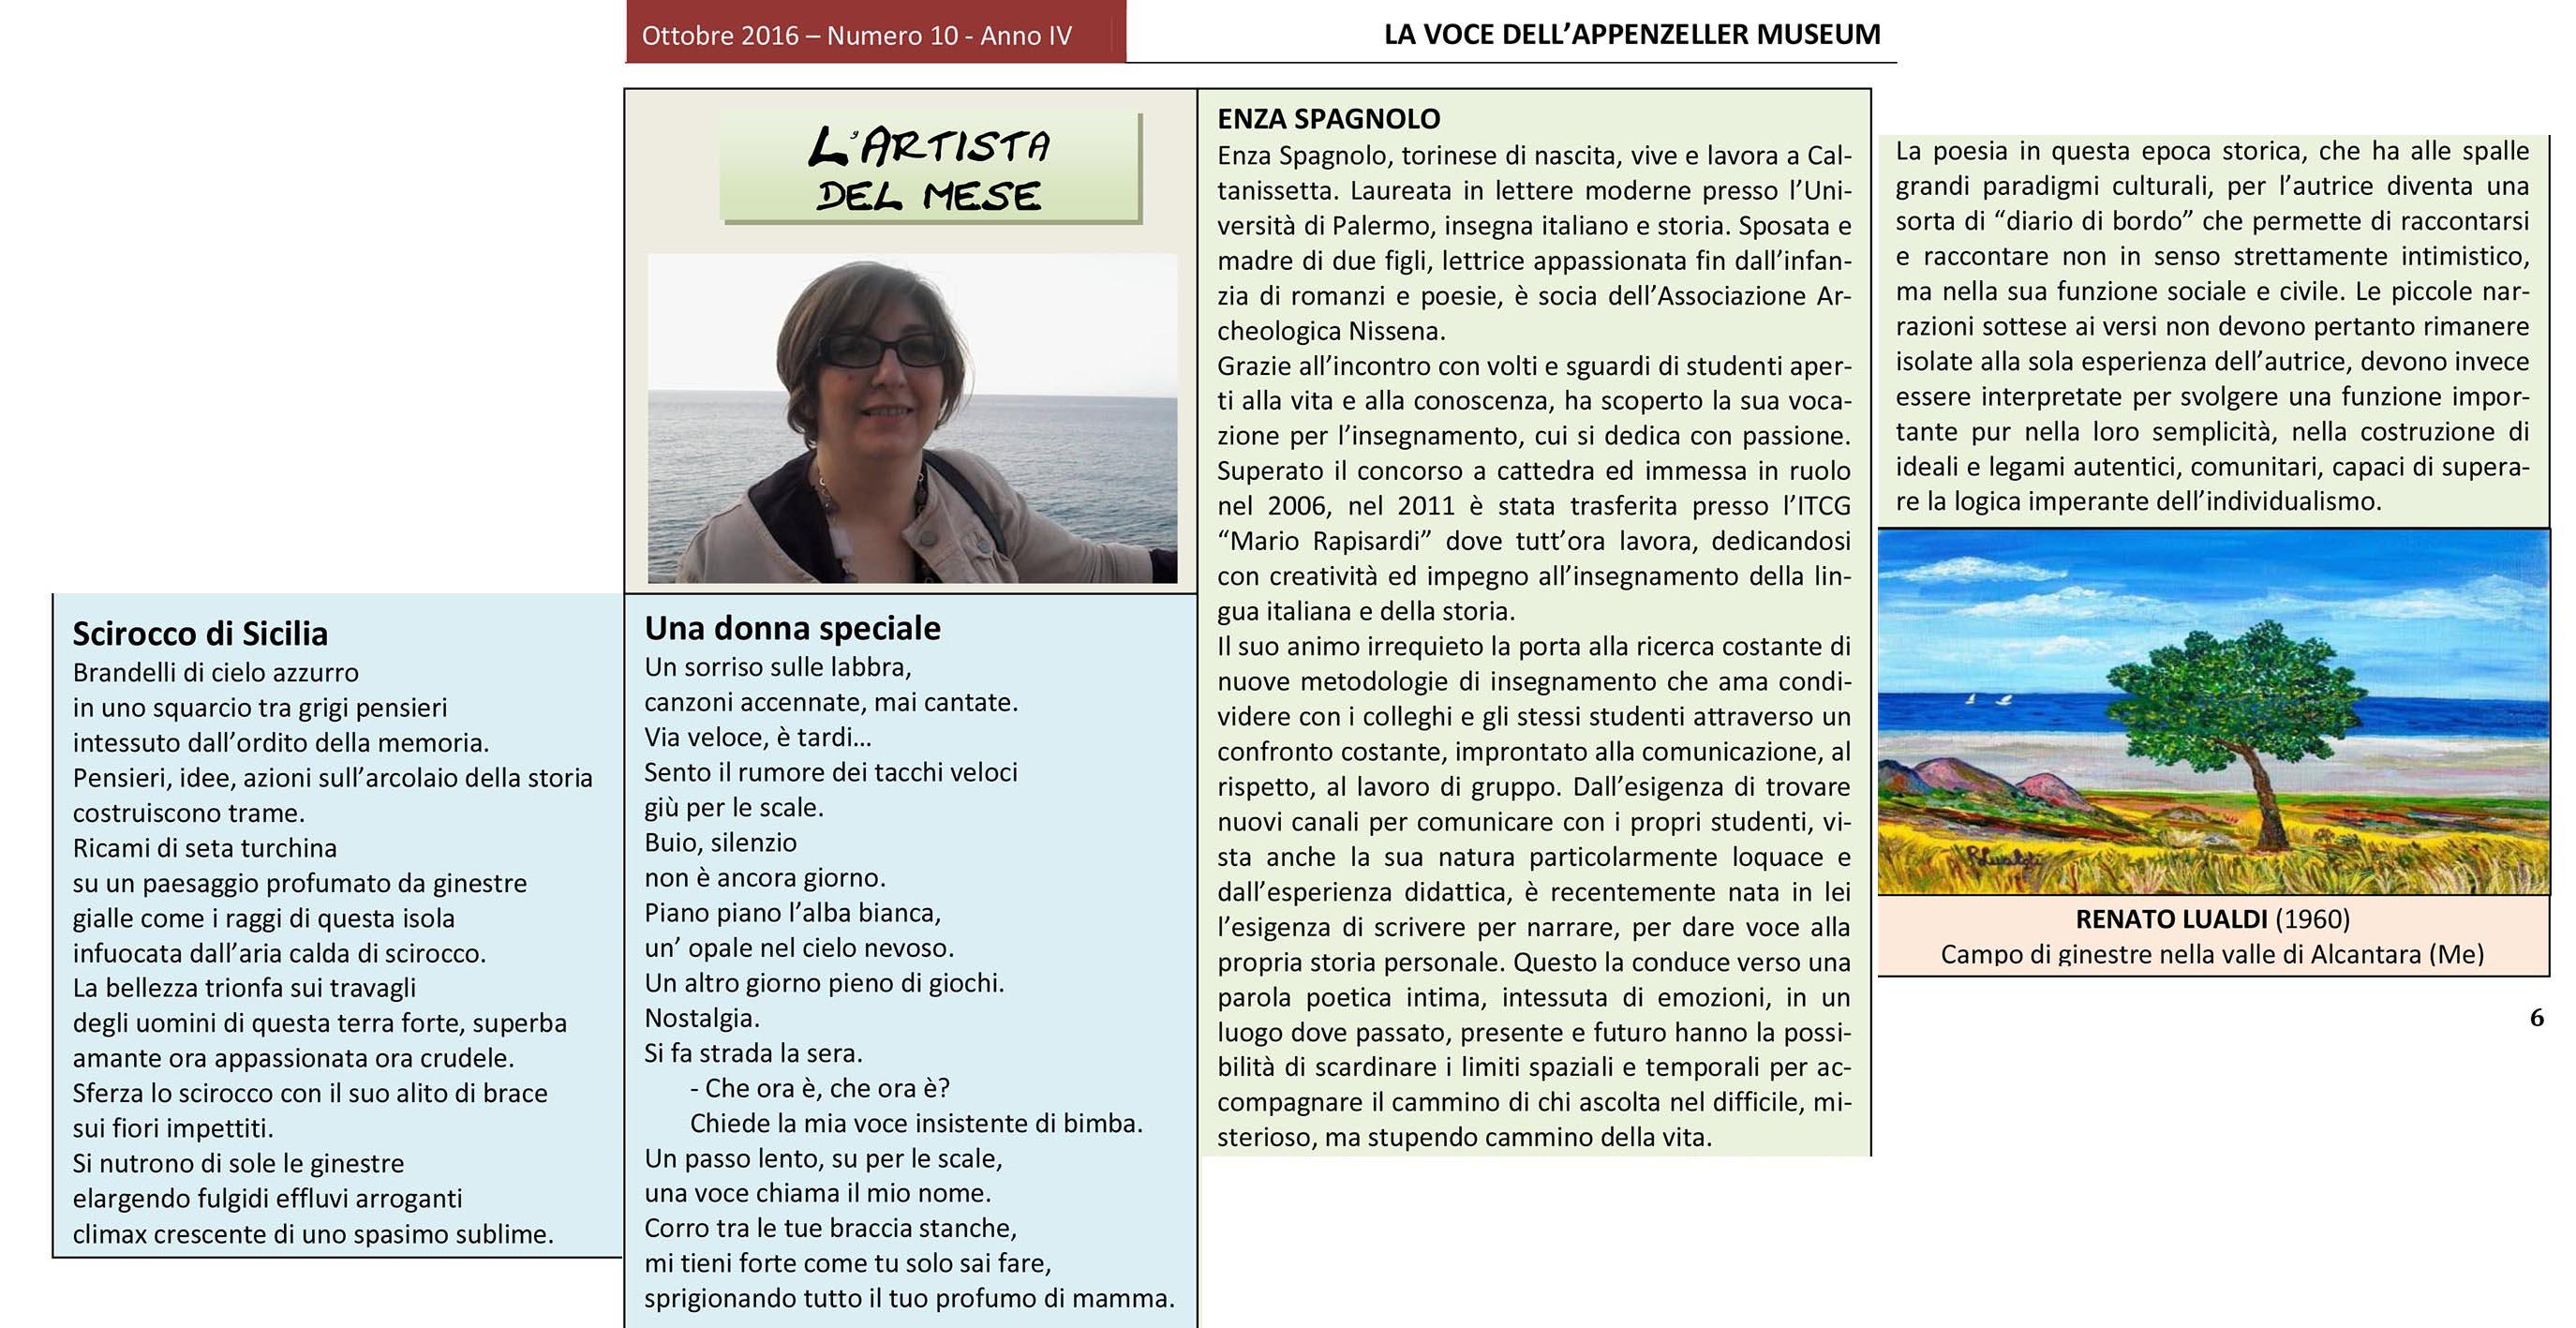 Ottobre 2016, n.10, Edizione Speciale, La Voce dell'Appenzeller Museum – Enza Spagnolo, Artista del mese